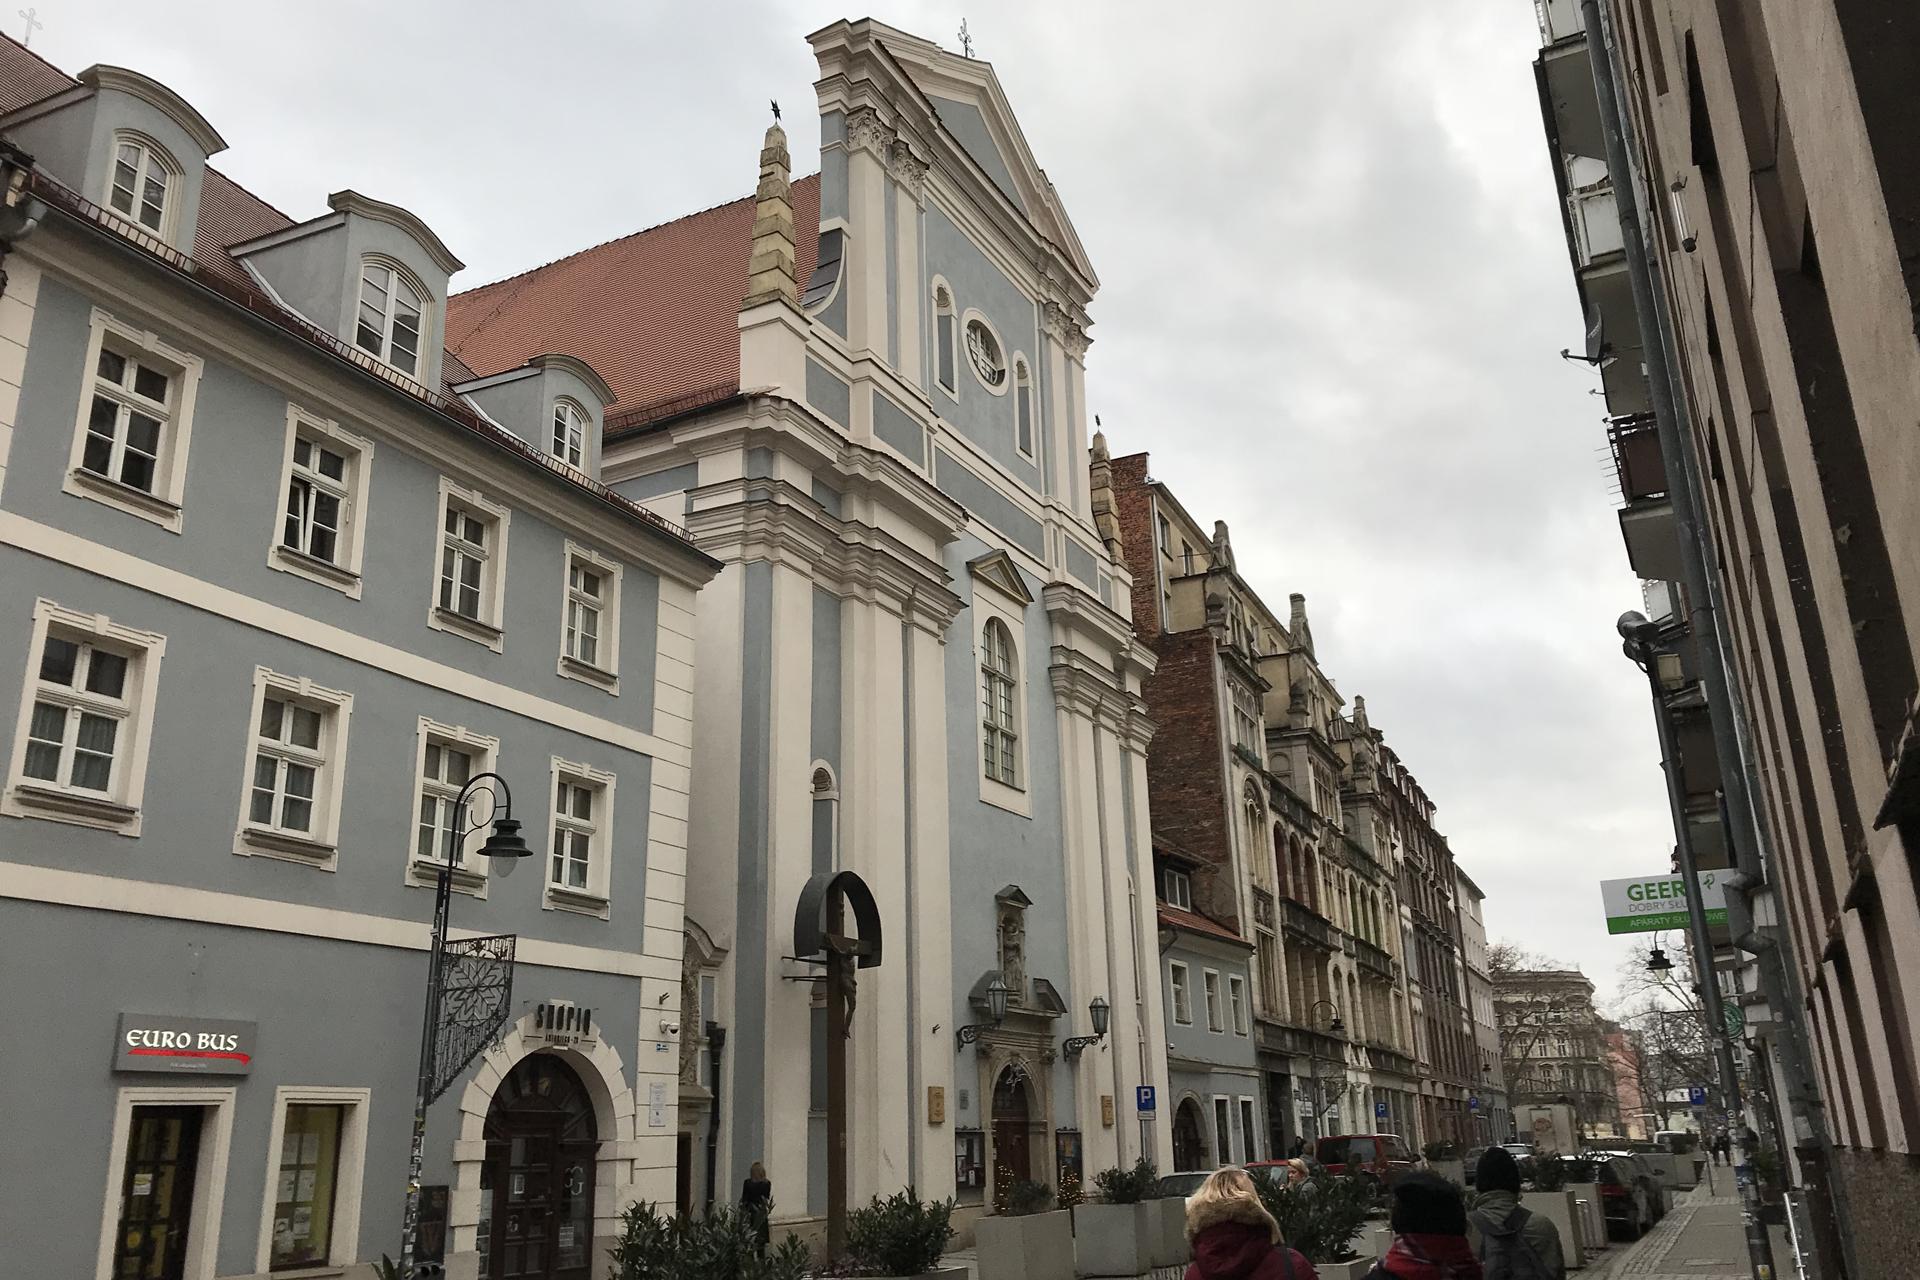 Im Jüdischen Viertel von Wroclaw. Links alles renoviert, rechts noch etwas älter.